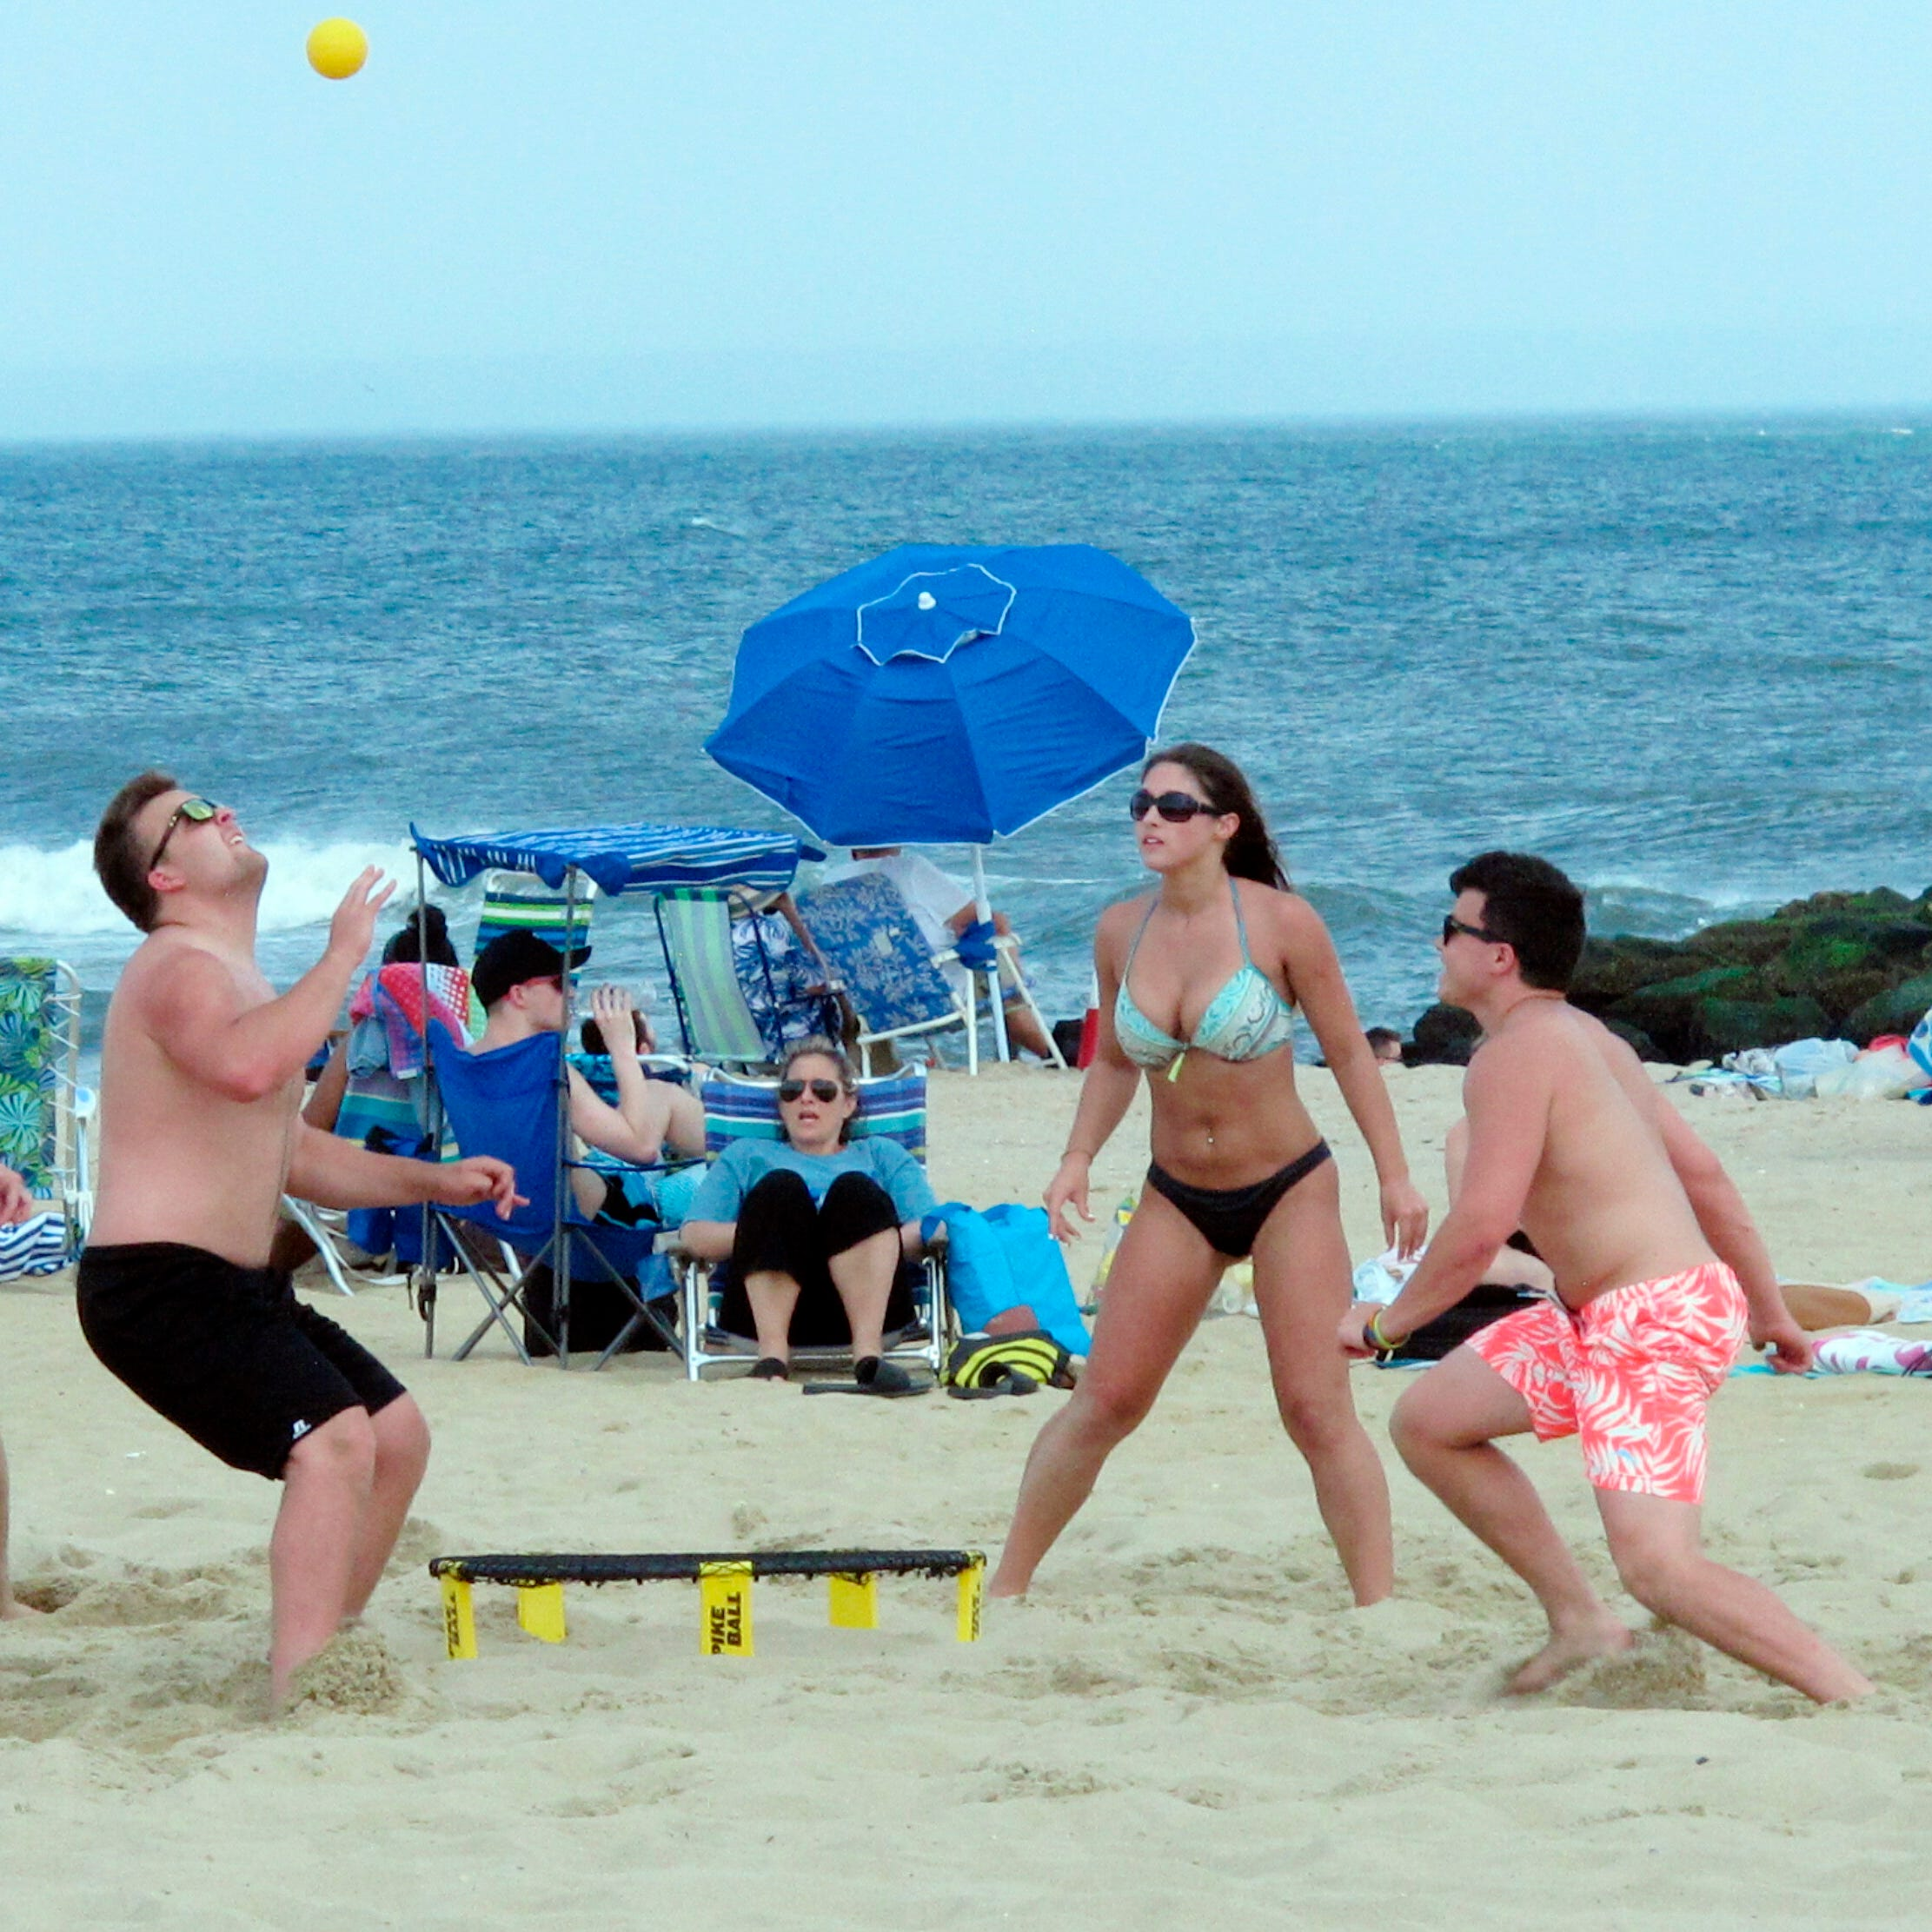 Beach lovers frolic in Belmar, New Jersey.